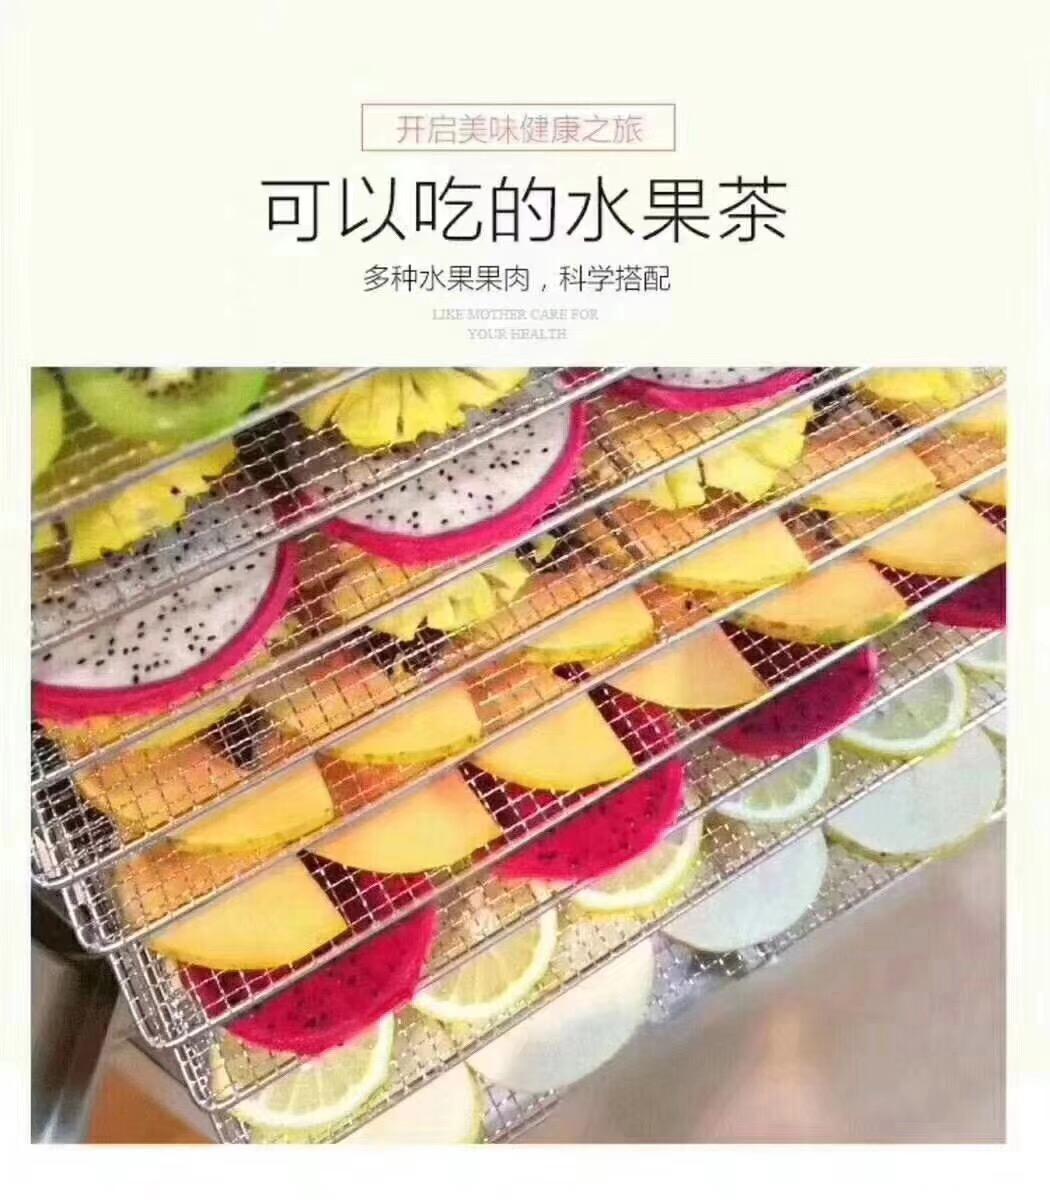 水果茶制作方法,纯手工制作水果茶